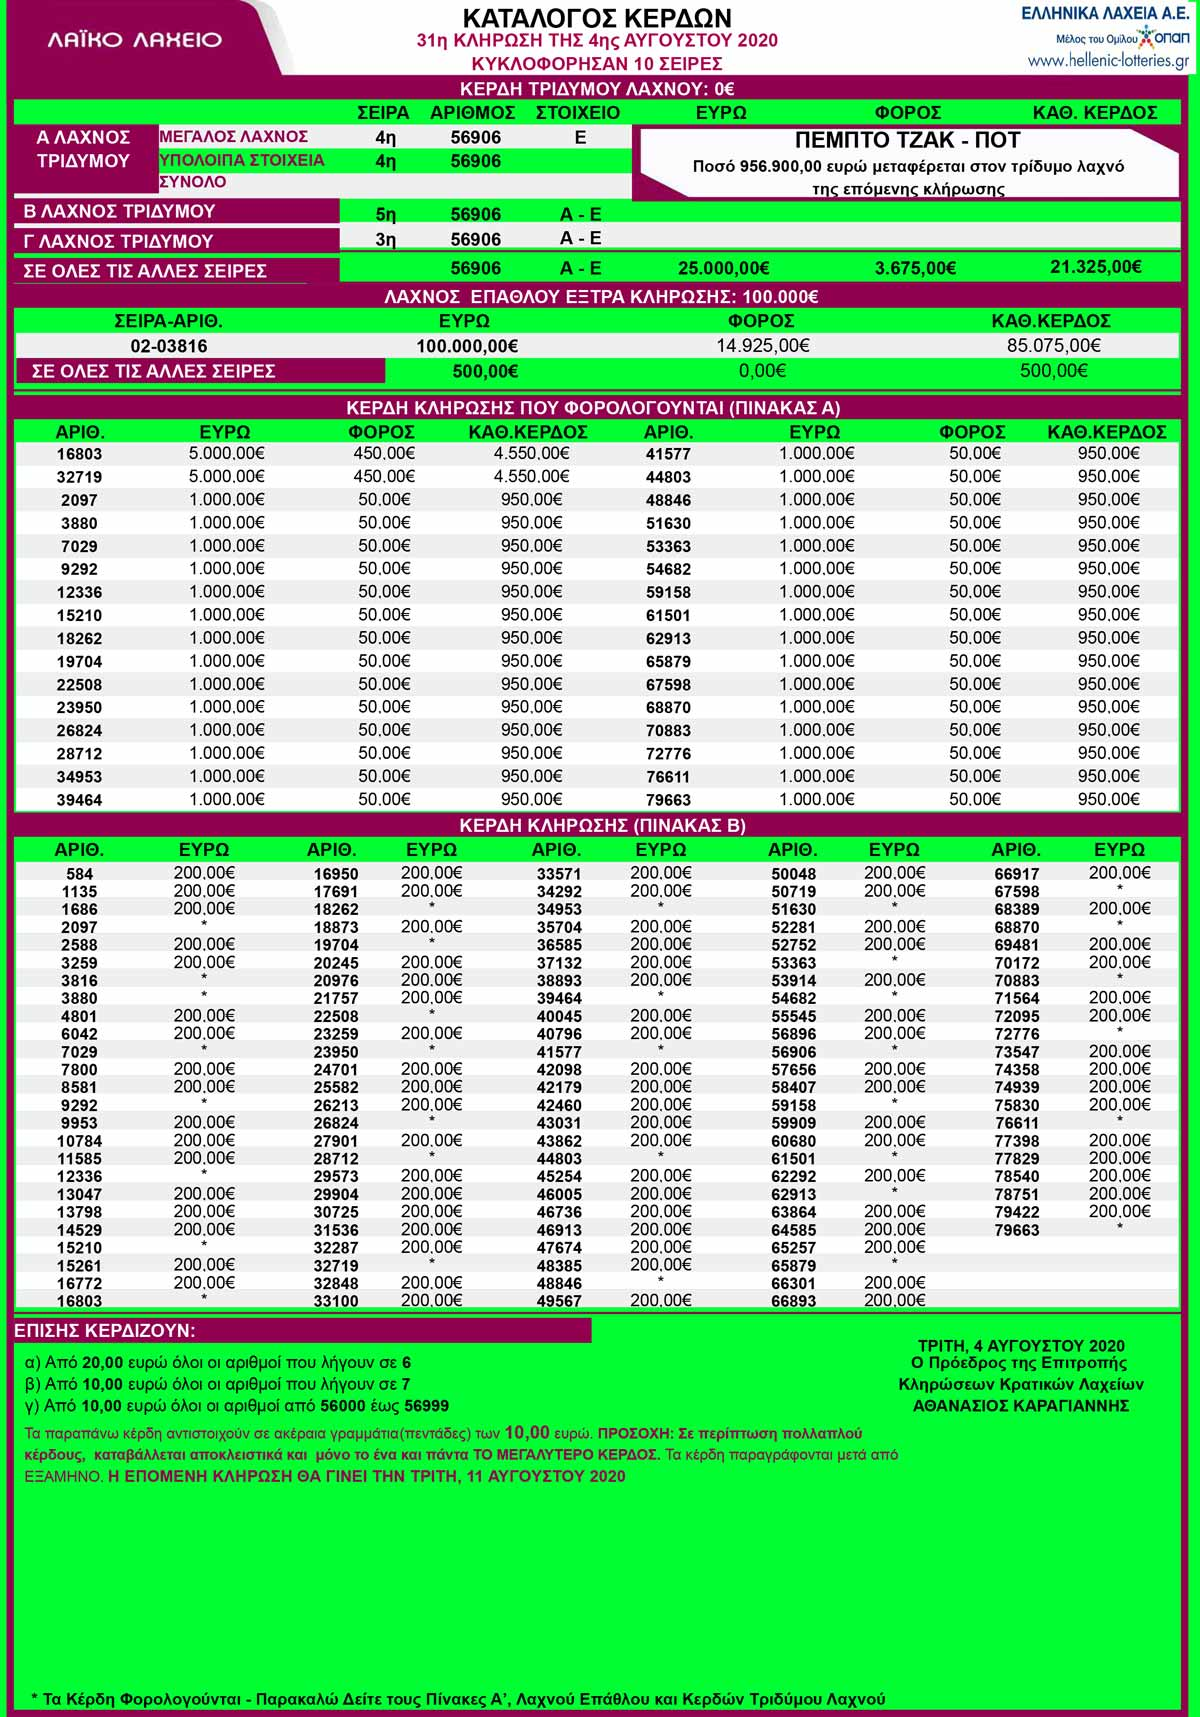 λαικο-λαχειο-4-8-20-αποτελεσματα-λαικο-04-08-2020-κληρωση-31